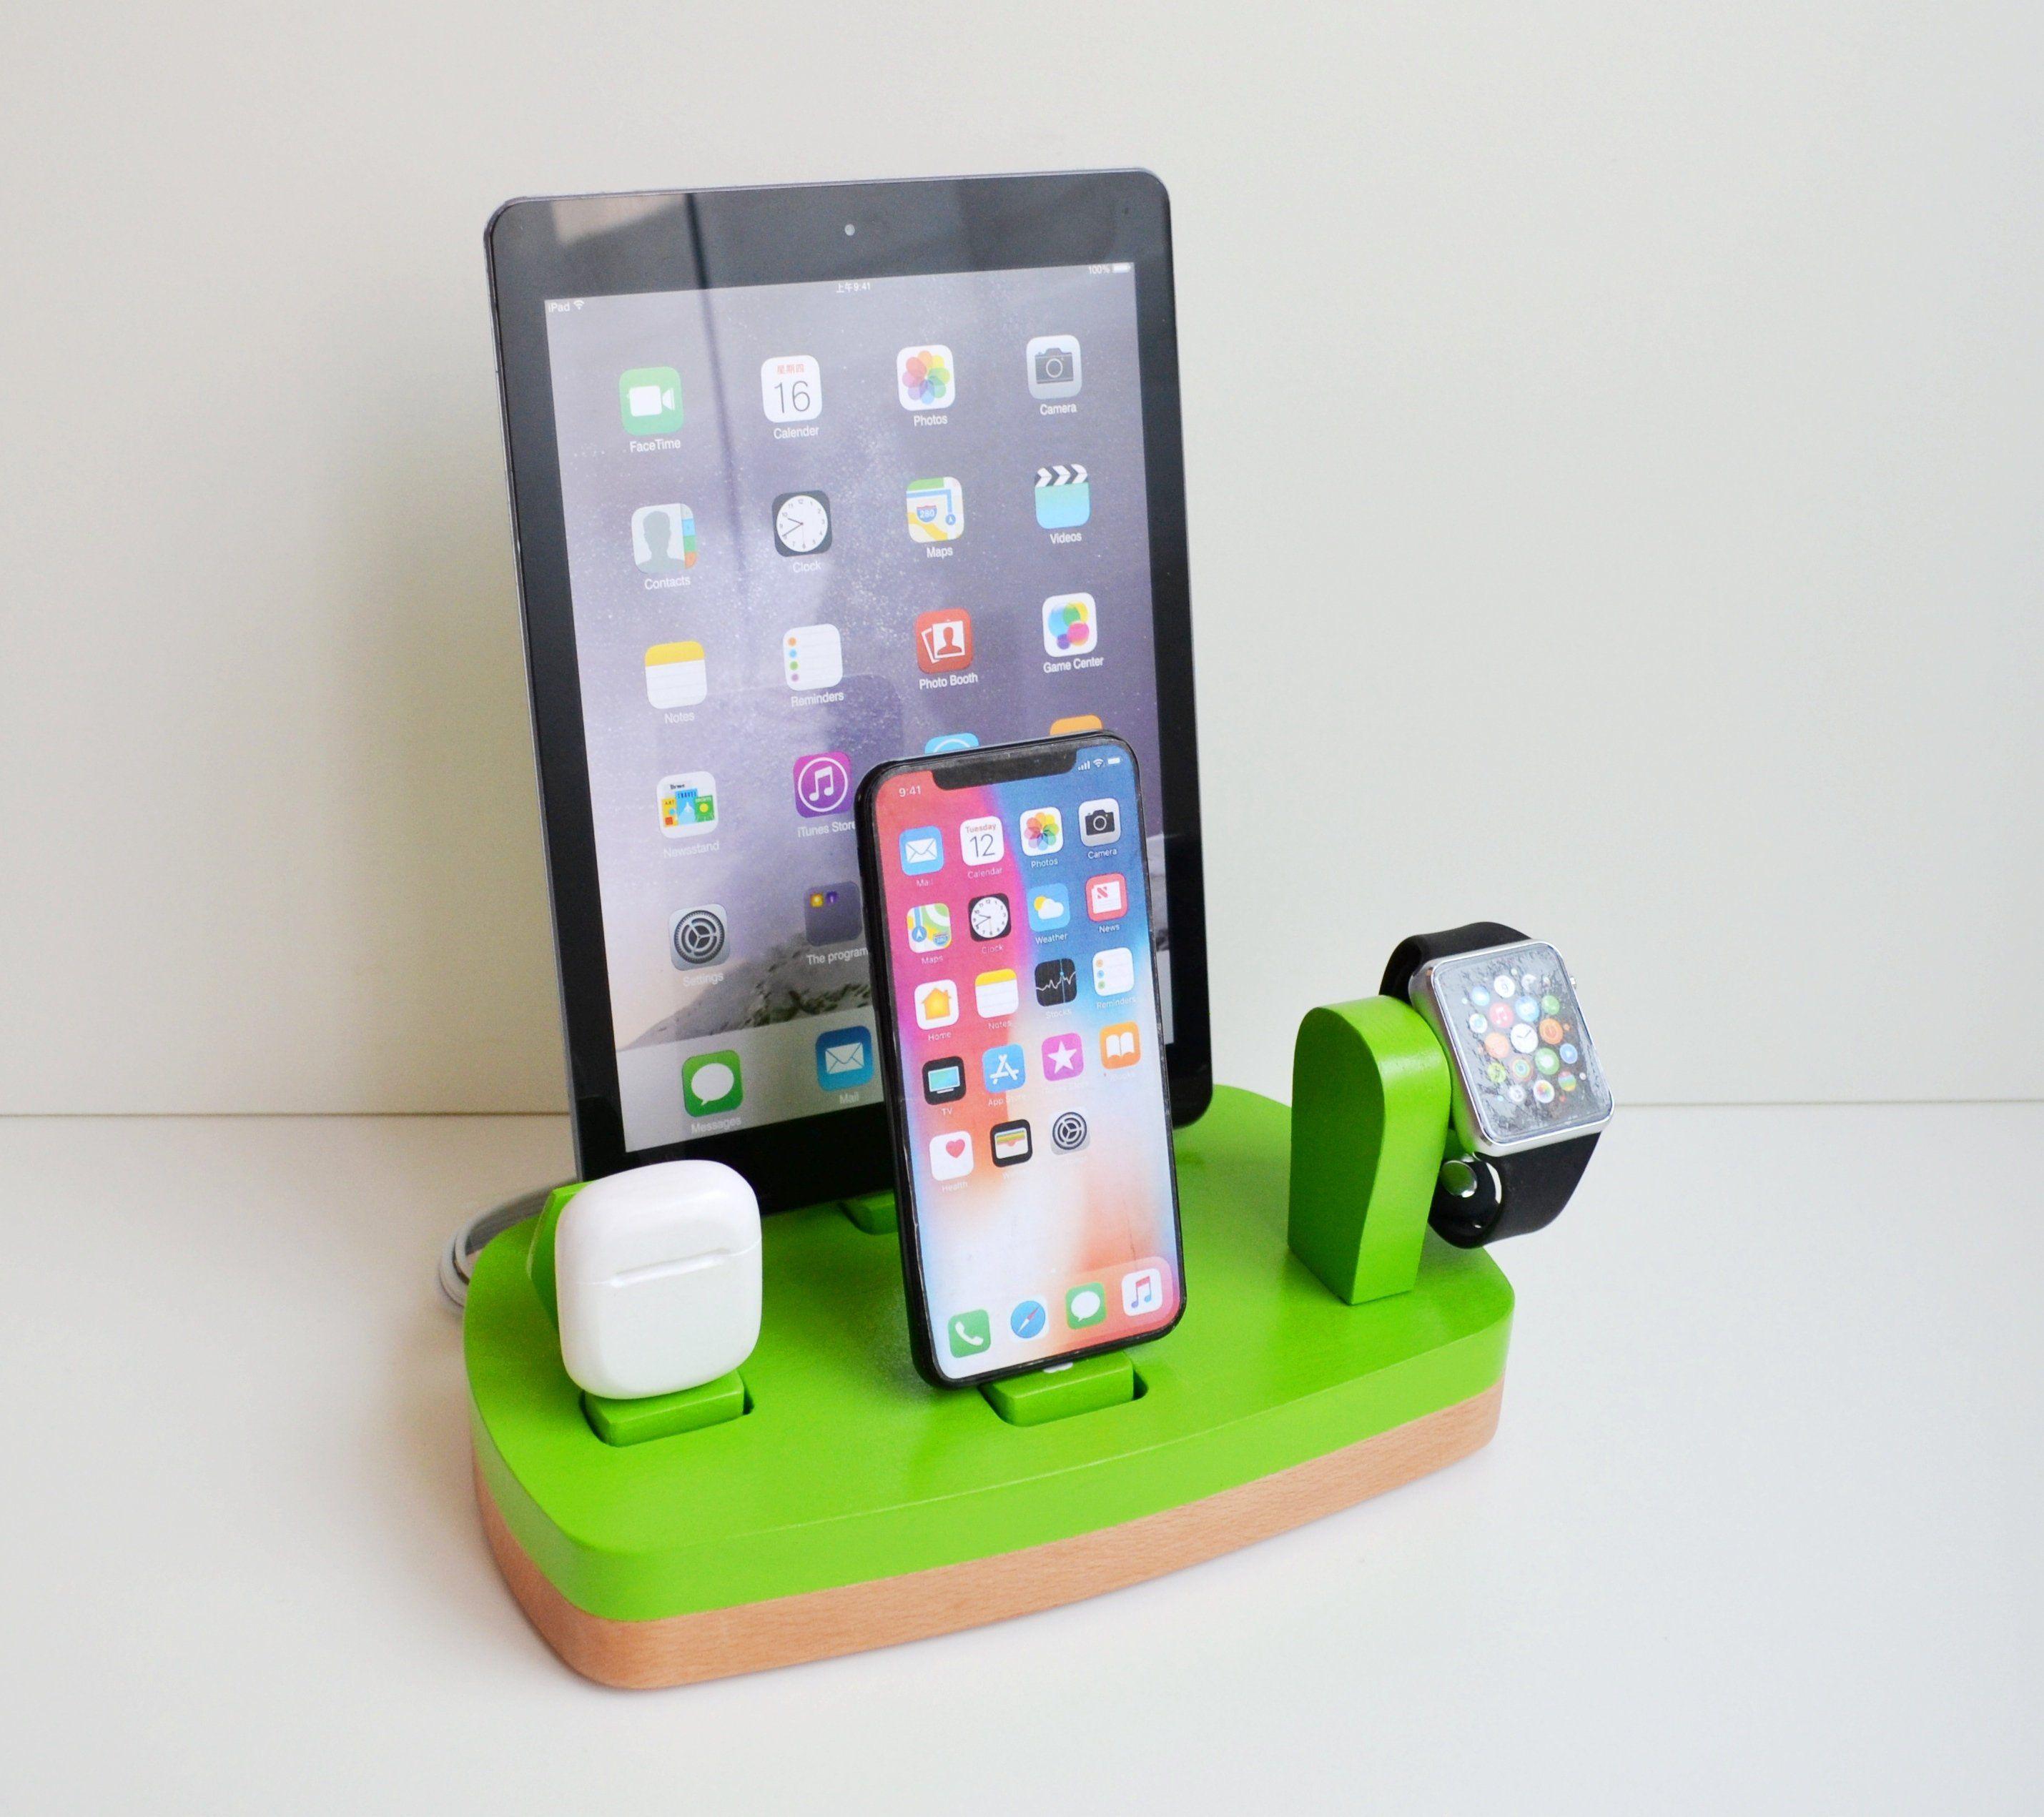 Idoqq Quatro Multi Device Ladestation Und Organizer Docking Station Fur Iphone Apple Watch Airpods Und Ipad Kiwi Grun Und Buche Iphone Ladestation Ipad Mini Apple Zubehor